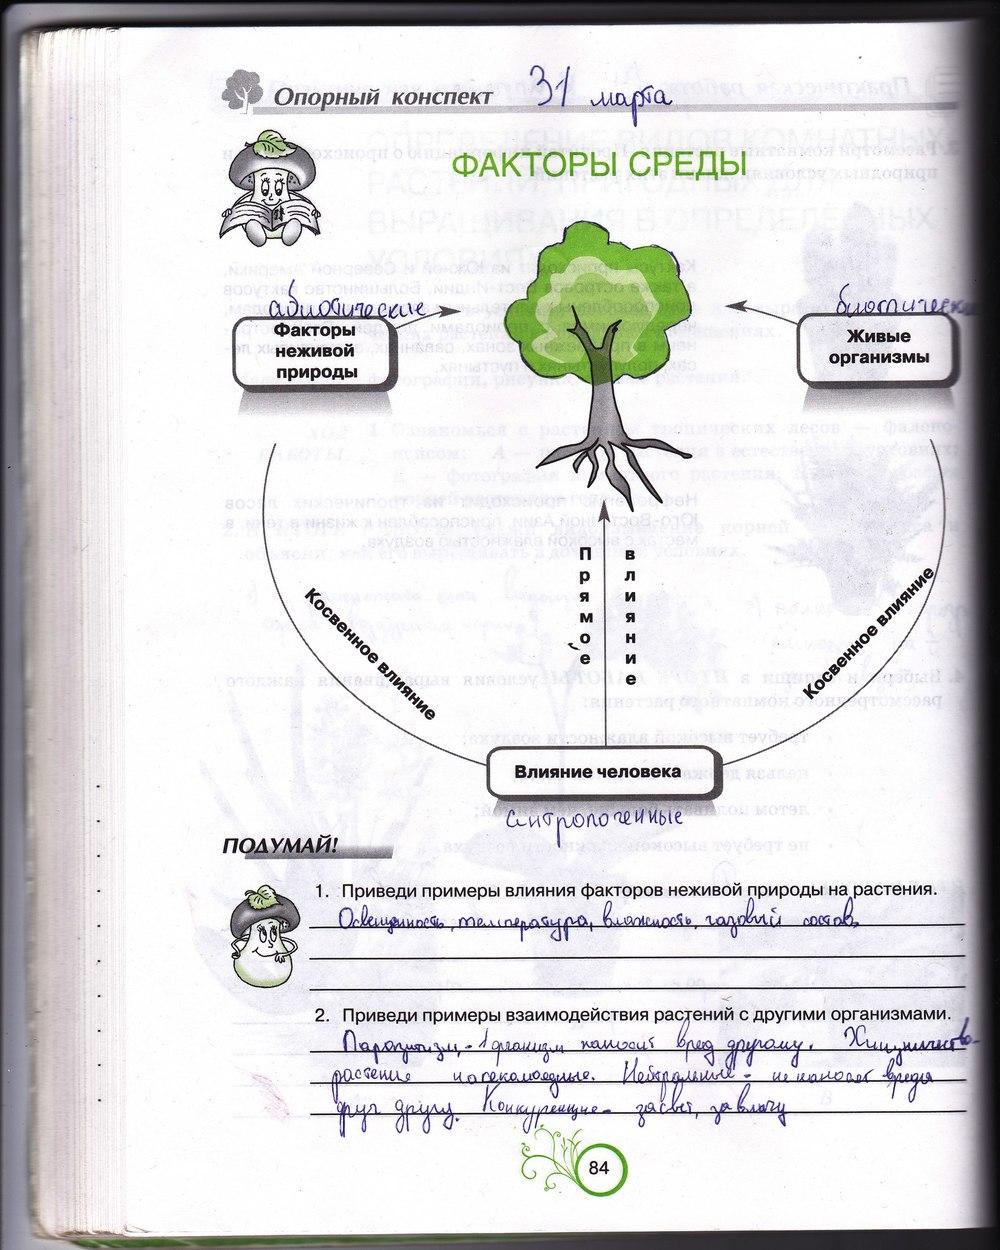 гдз зошит андерсон биология